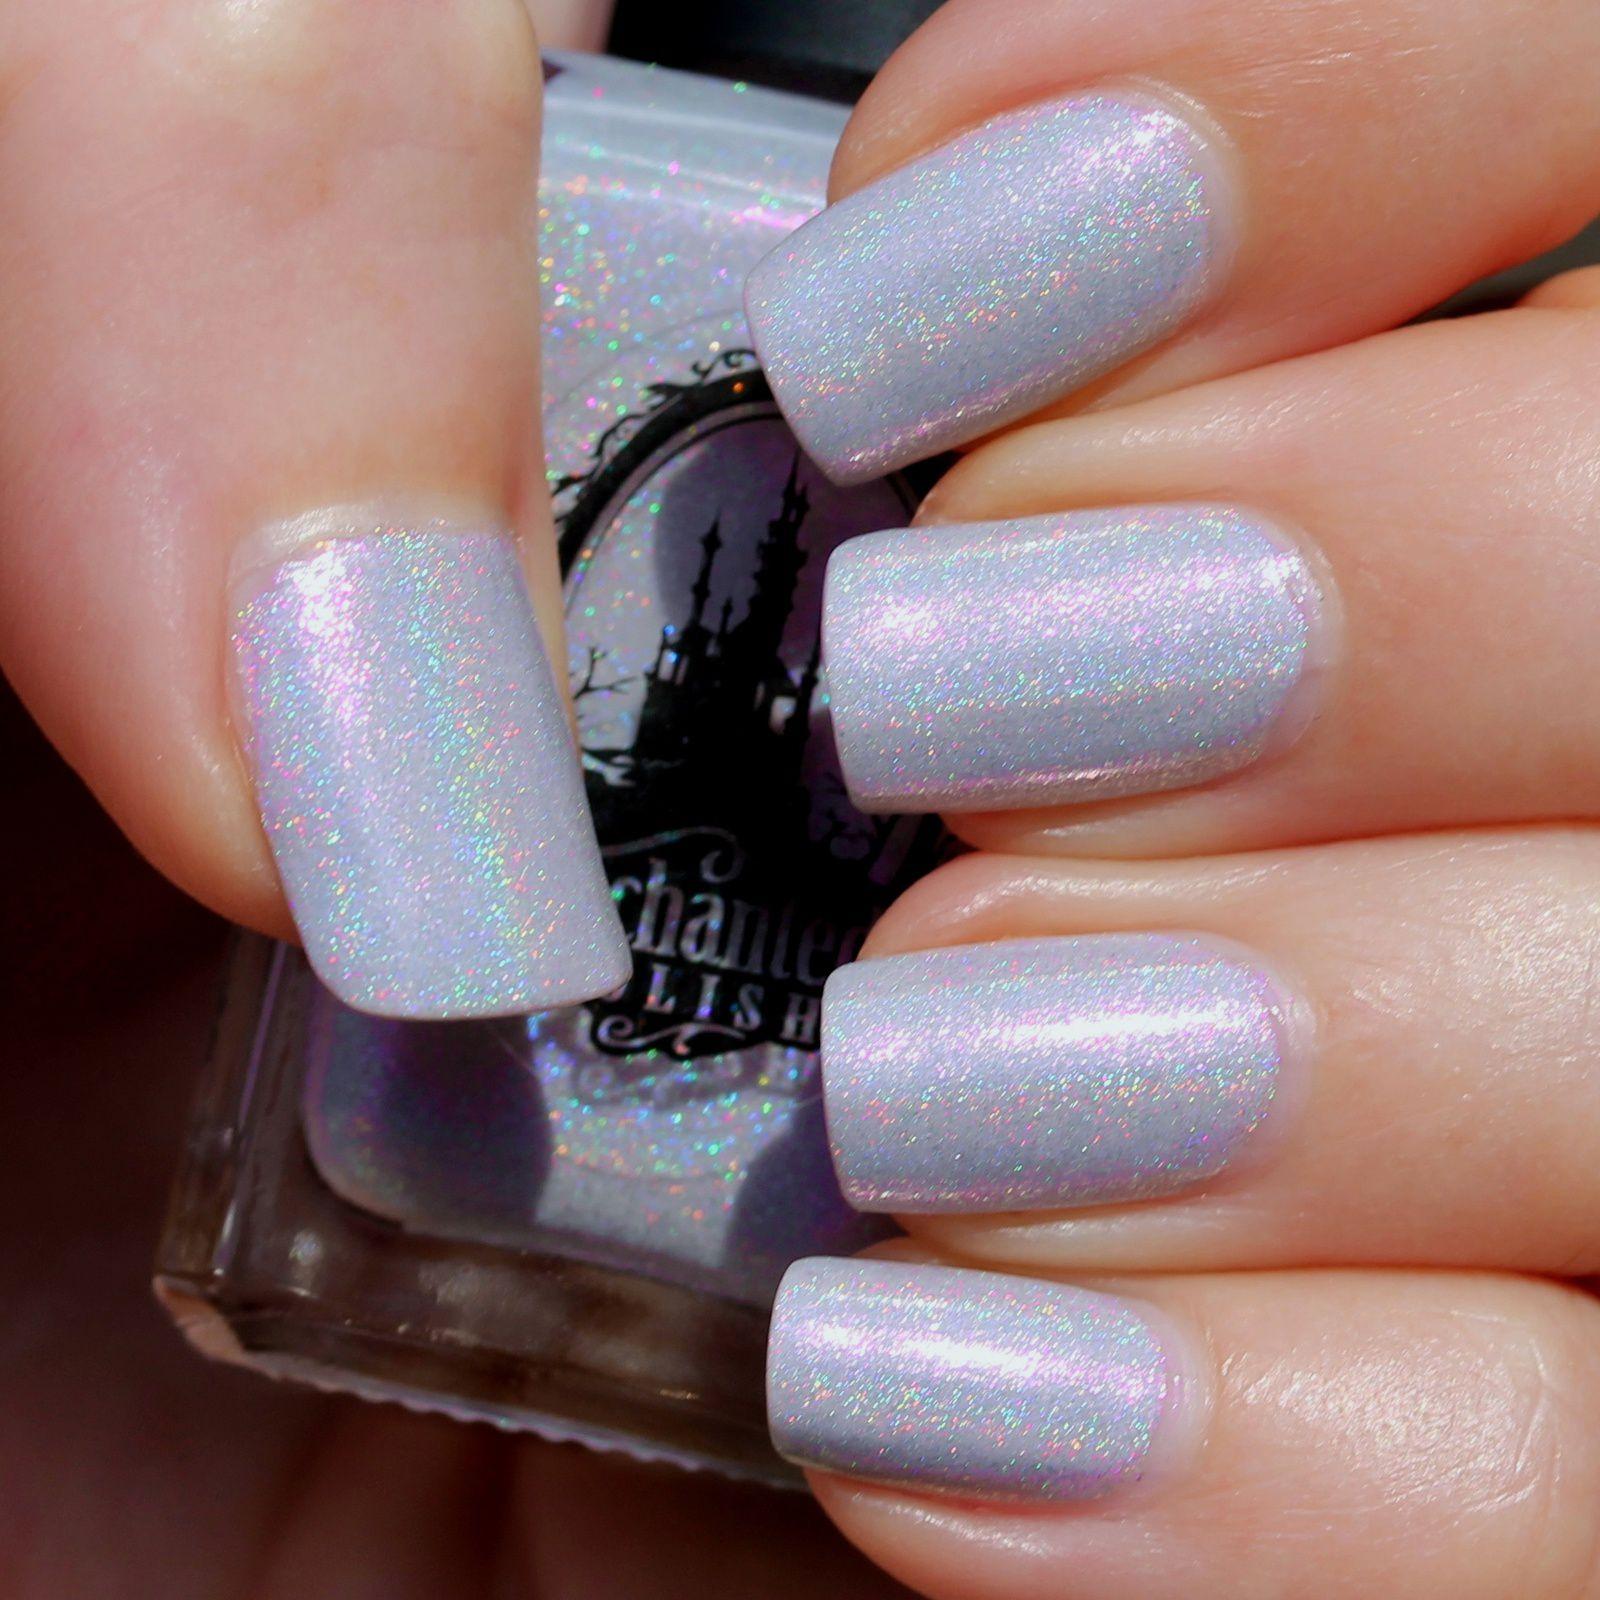 Duri Rejuvacote / Enchanted Polish April 2015 / HK Girl Top Coat